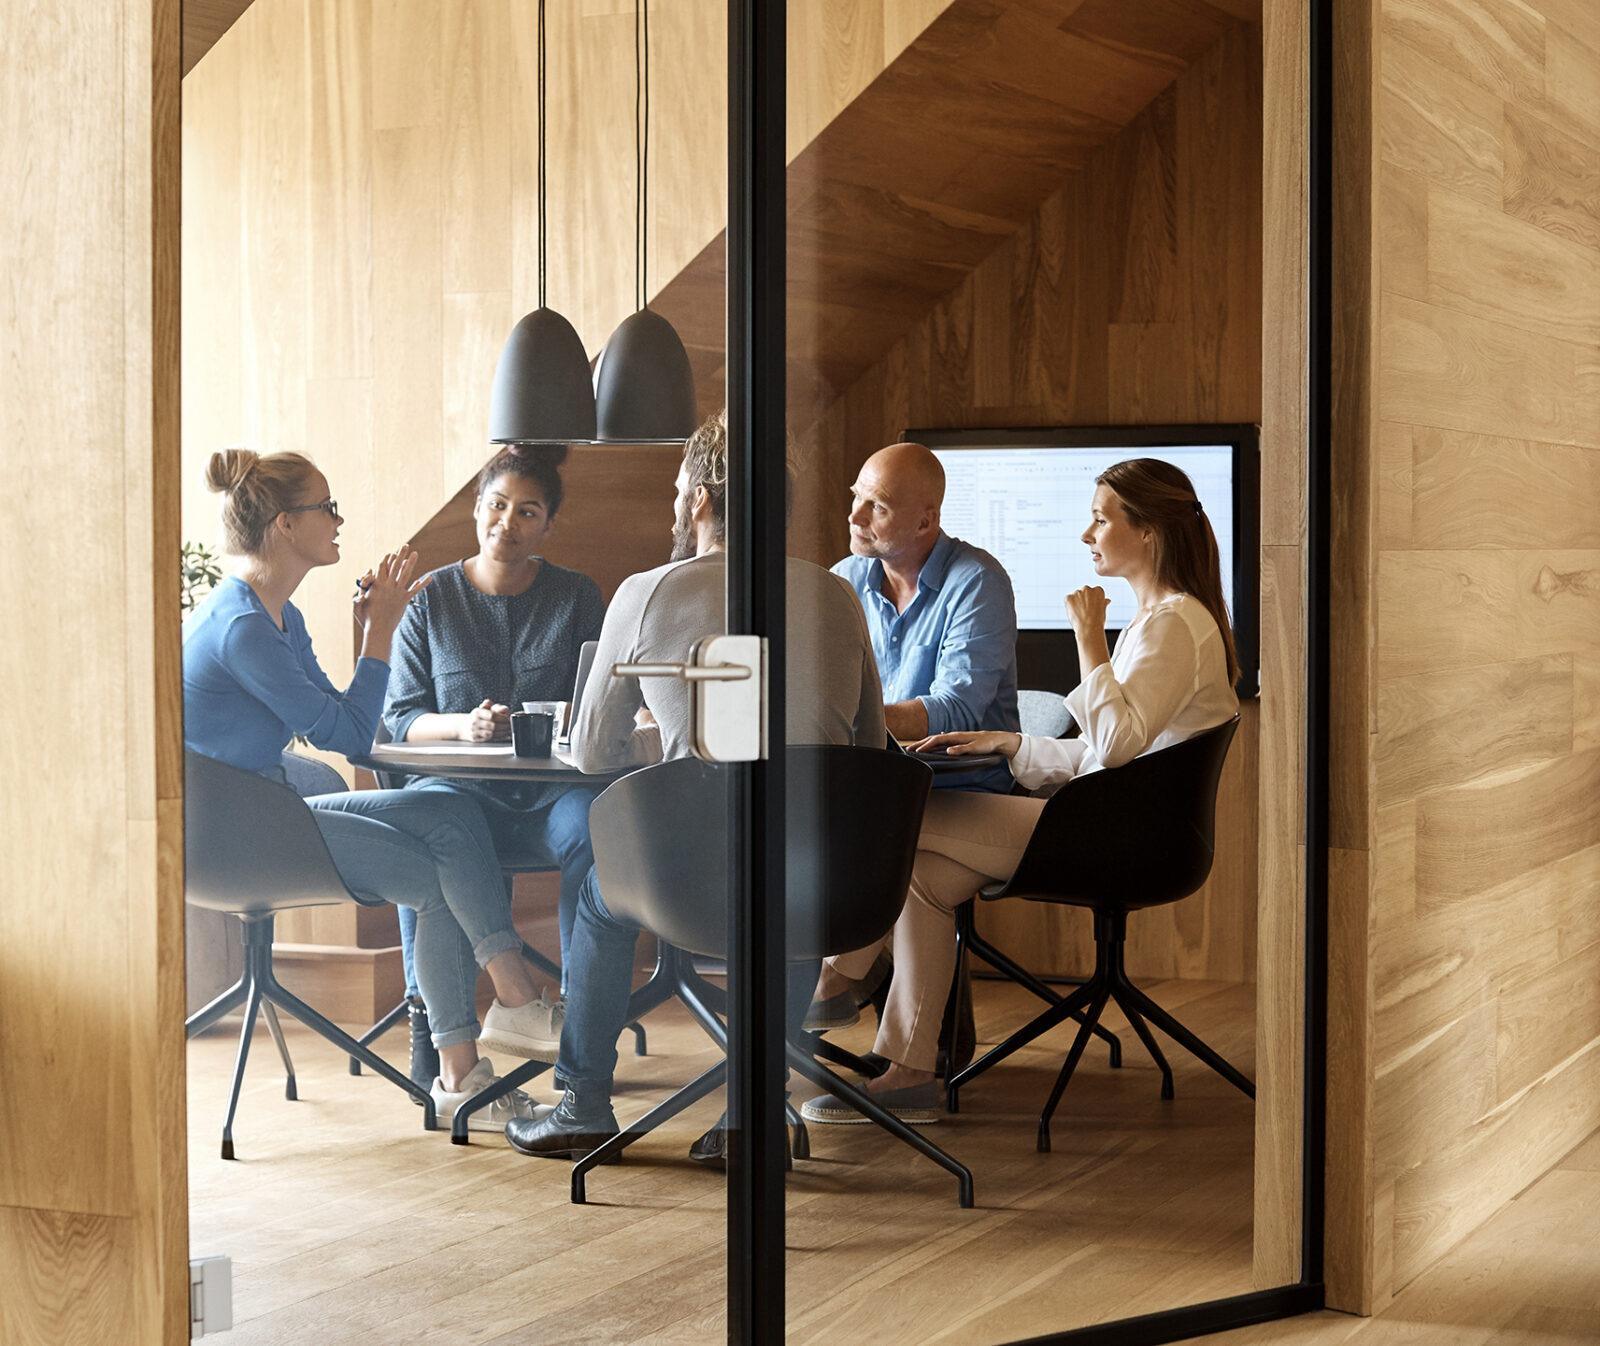 människor, grupp, kontor, professionell, upphandling, skrivbord, 997745894